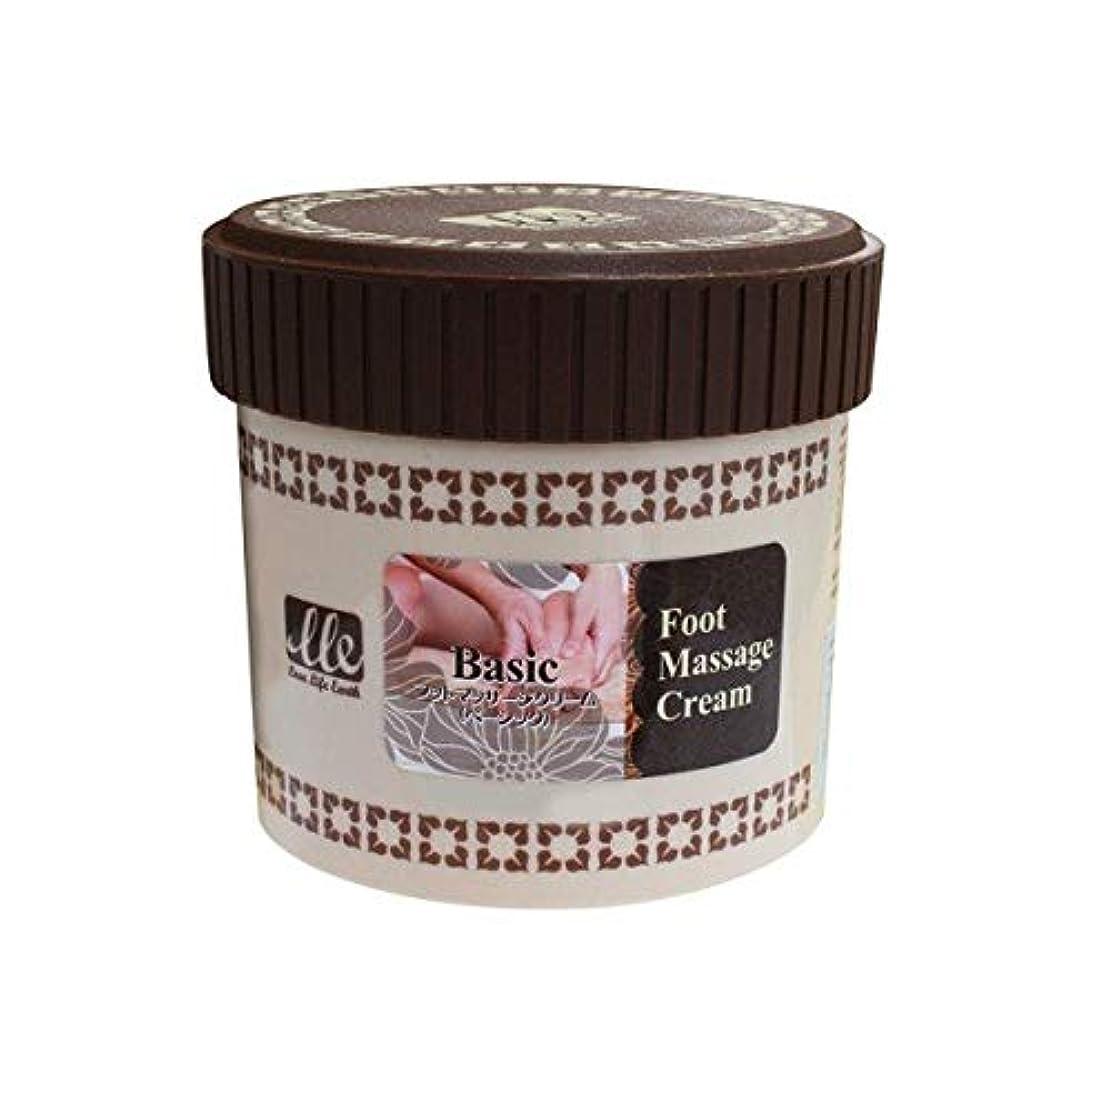 印をつける発掘答えLLE フットマッサージクリーム 業務用 450g (ベーシック) マッサージクリーム フットマッサージクリーム エステ用品